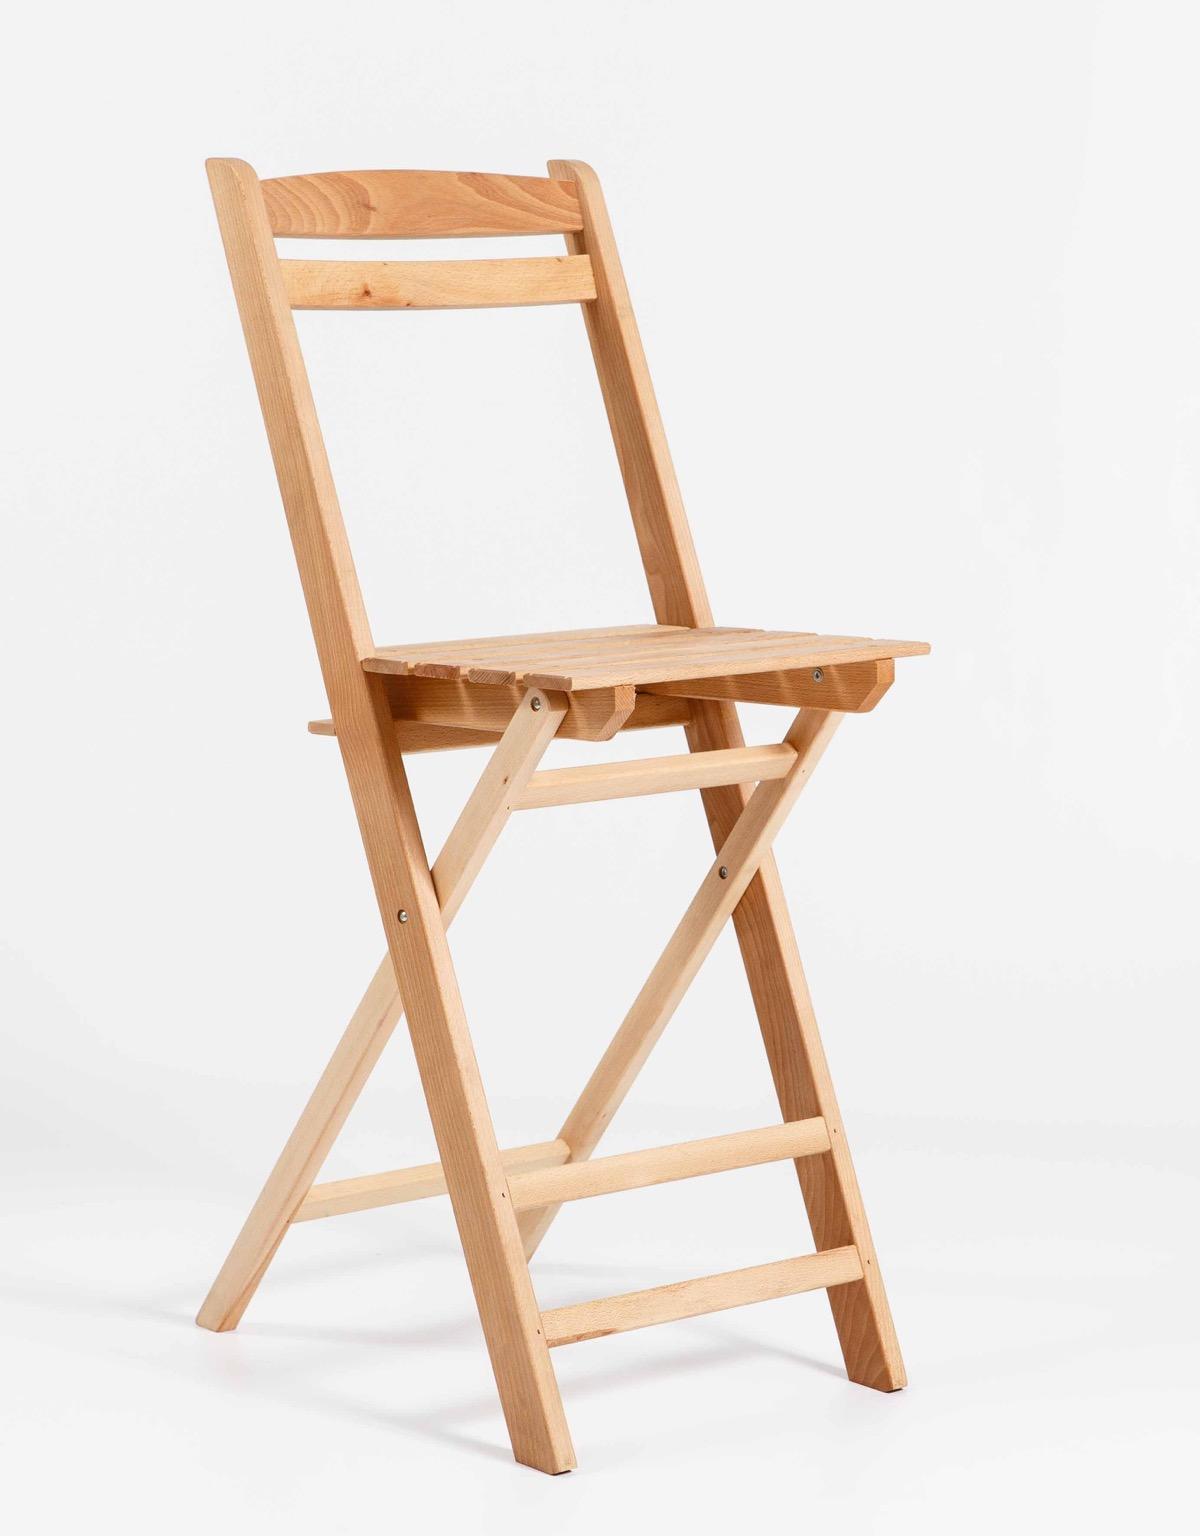 Silla plegable de madera alta garc a hermanos for Sillas altas de madera